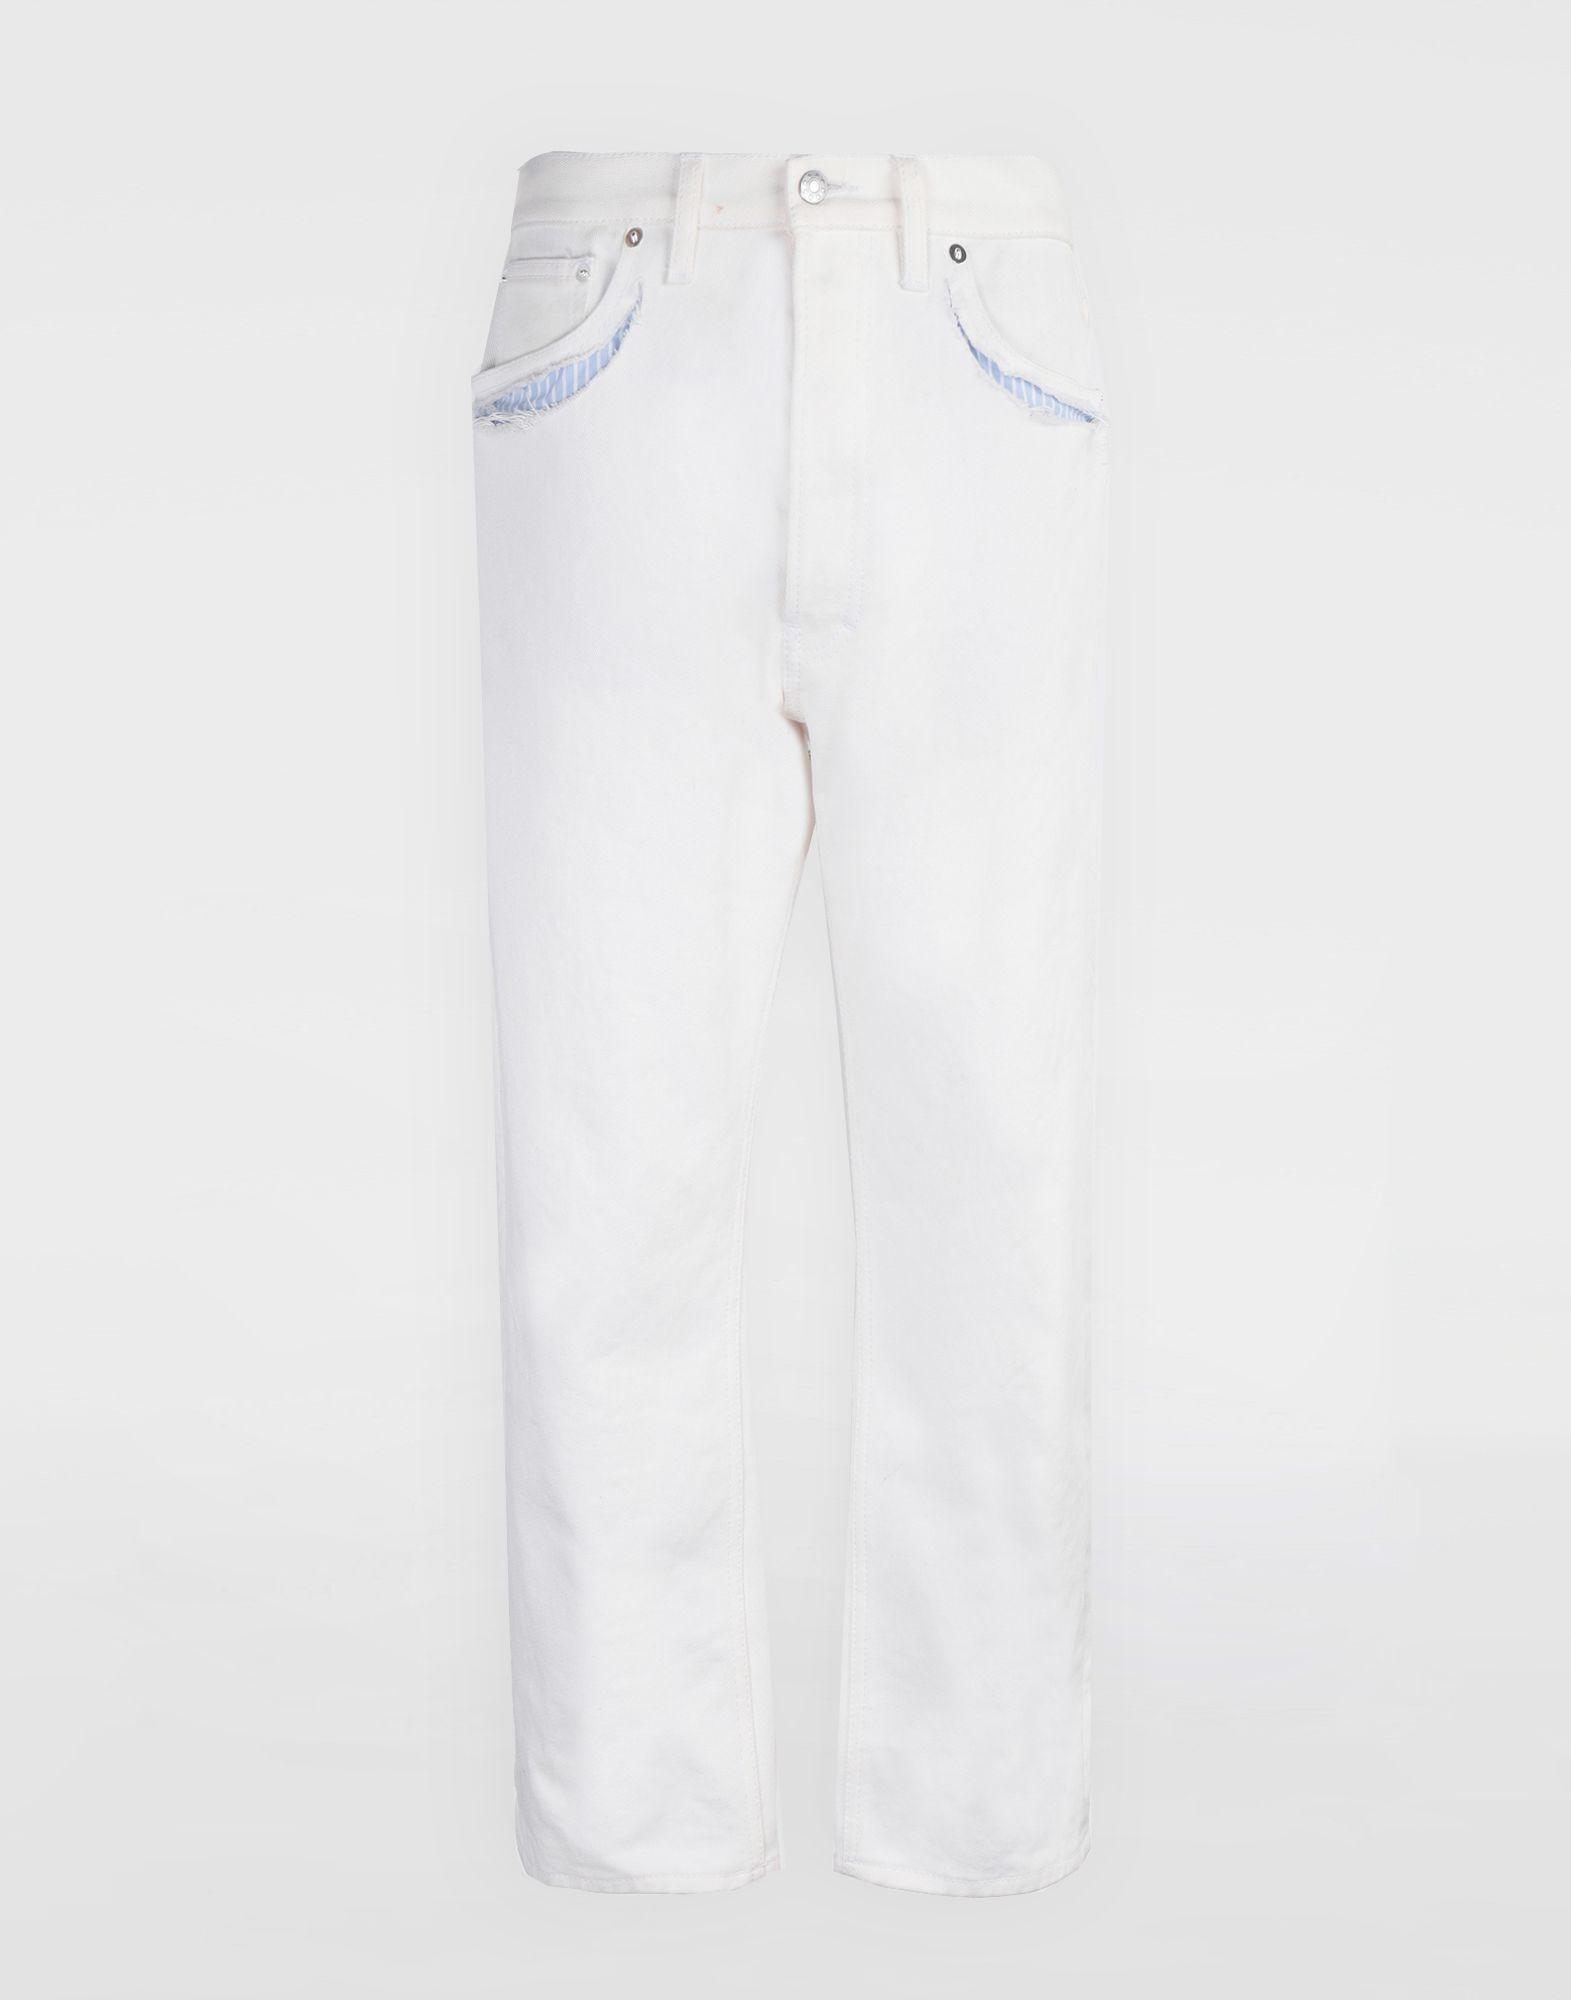 MAISON MARGIELA Décortiqué denim pants Jeans Woman f